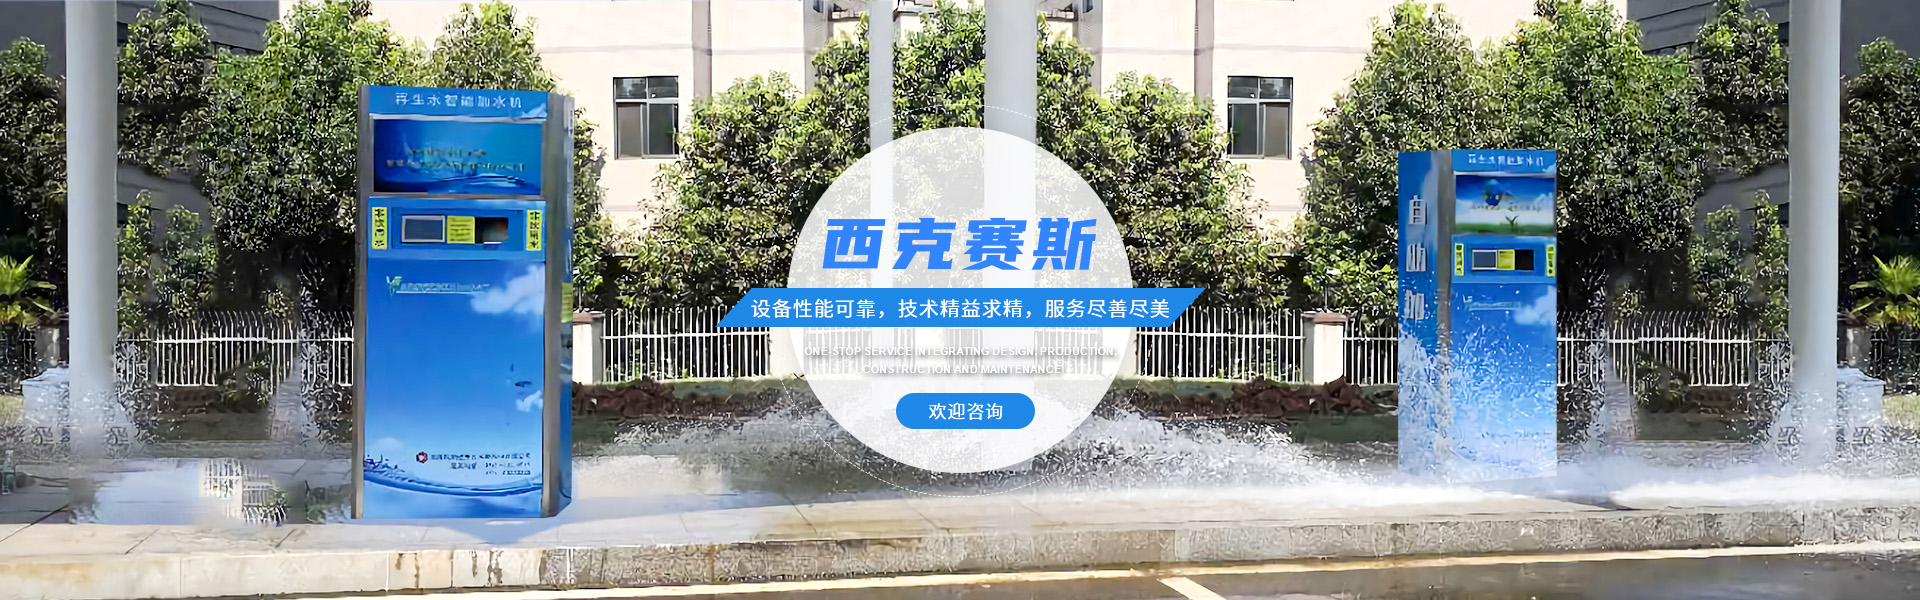 北京自動加水系統